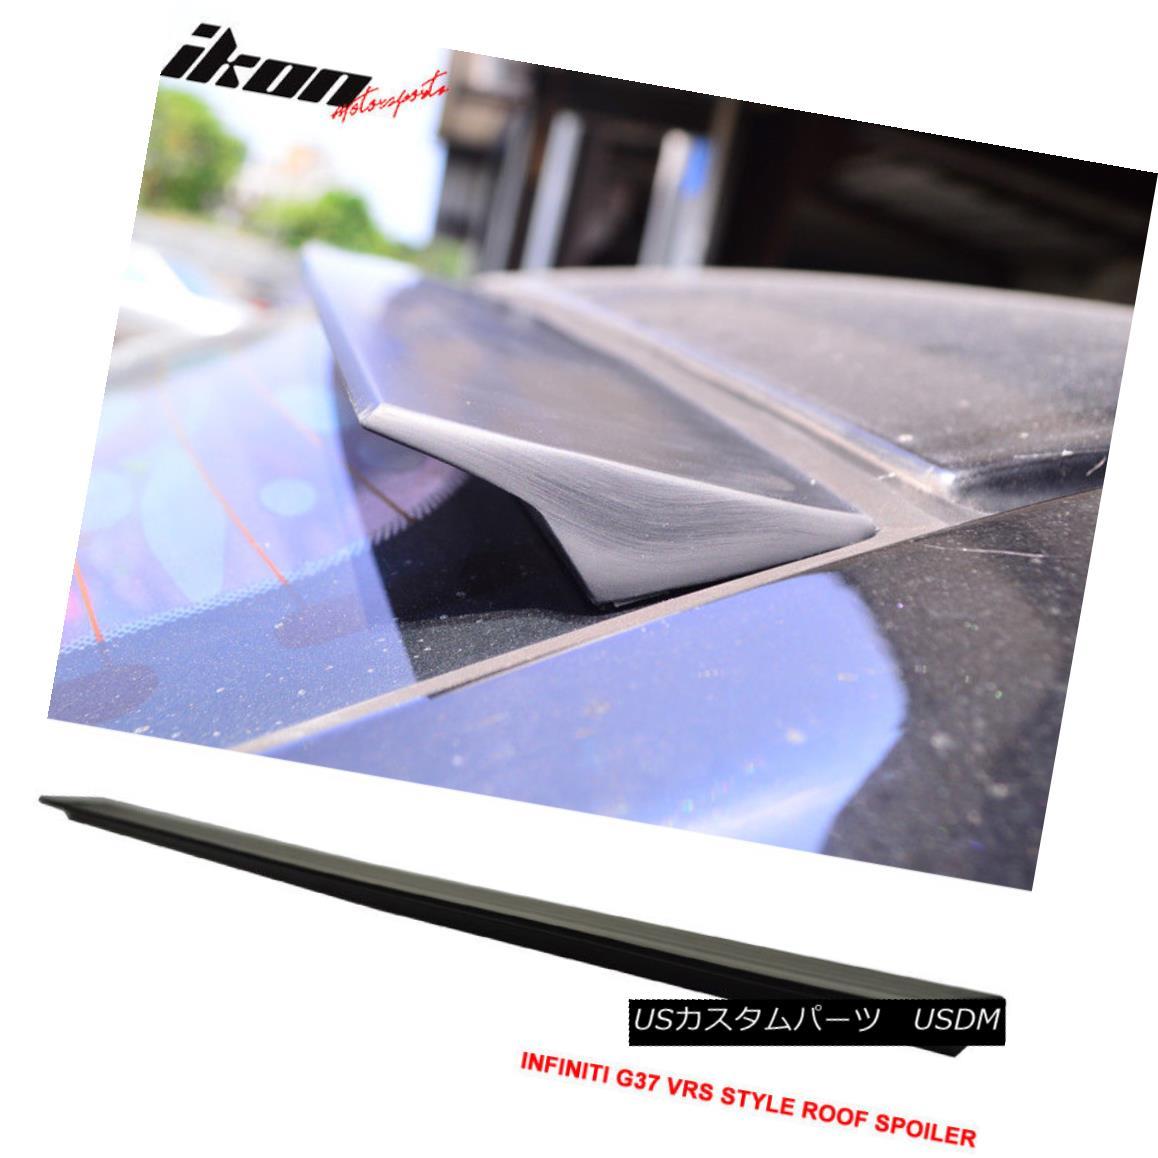 エアロパーツ For 11-15 Infiniti G37 V36 4DR VRS Style Roof Spoiler Wing Unpainted - PUF 11-15インフィニティG37 V36用4DR VRSスタイルルーフスポイラーウイング無塗装 - PUF